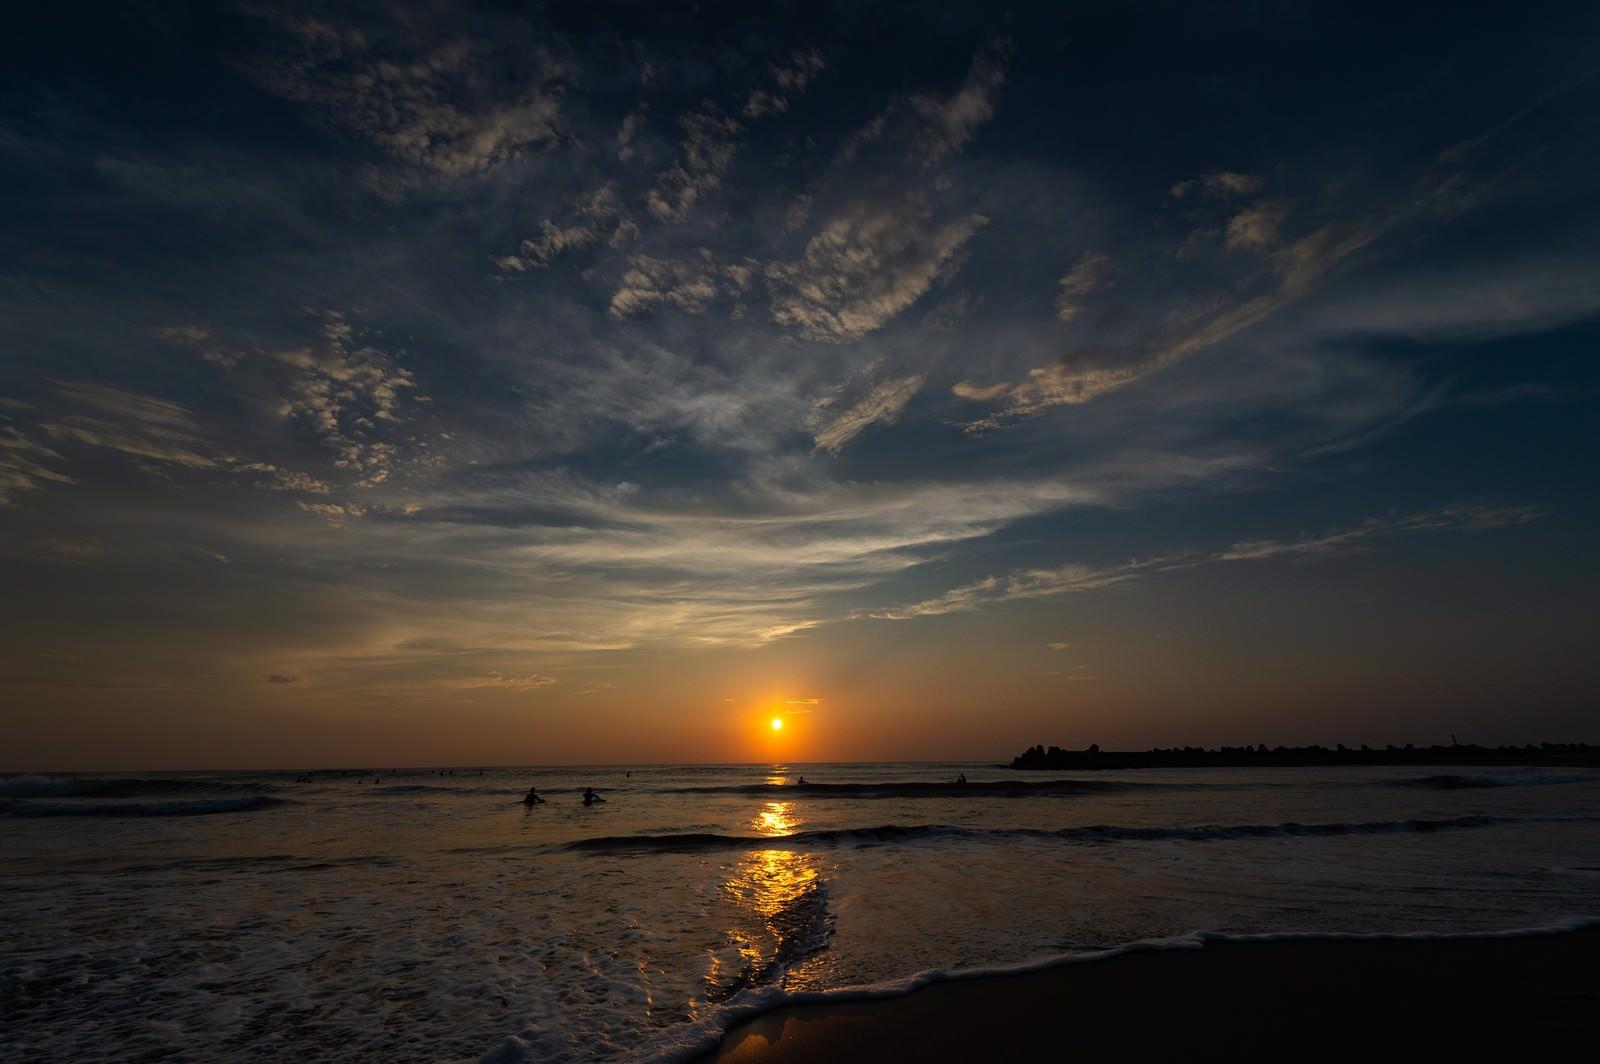 「一宮の海で日の出サーフィン(千葉県一宮町)」の写真